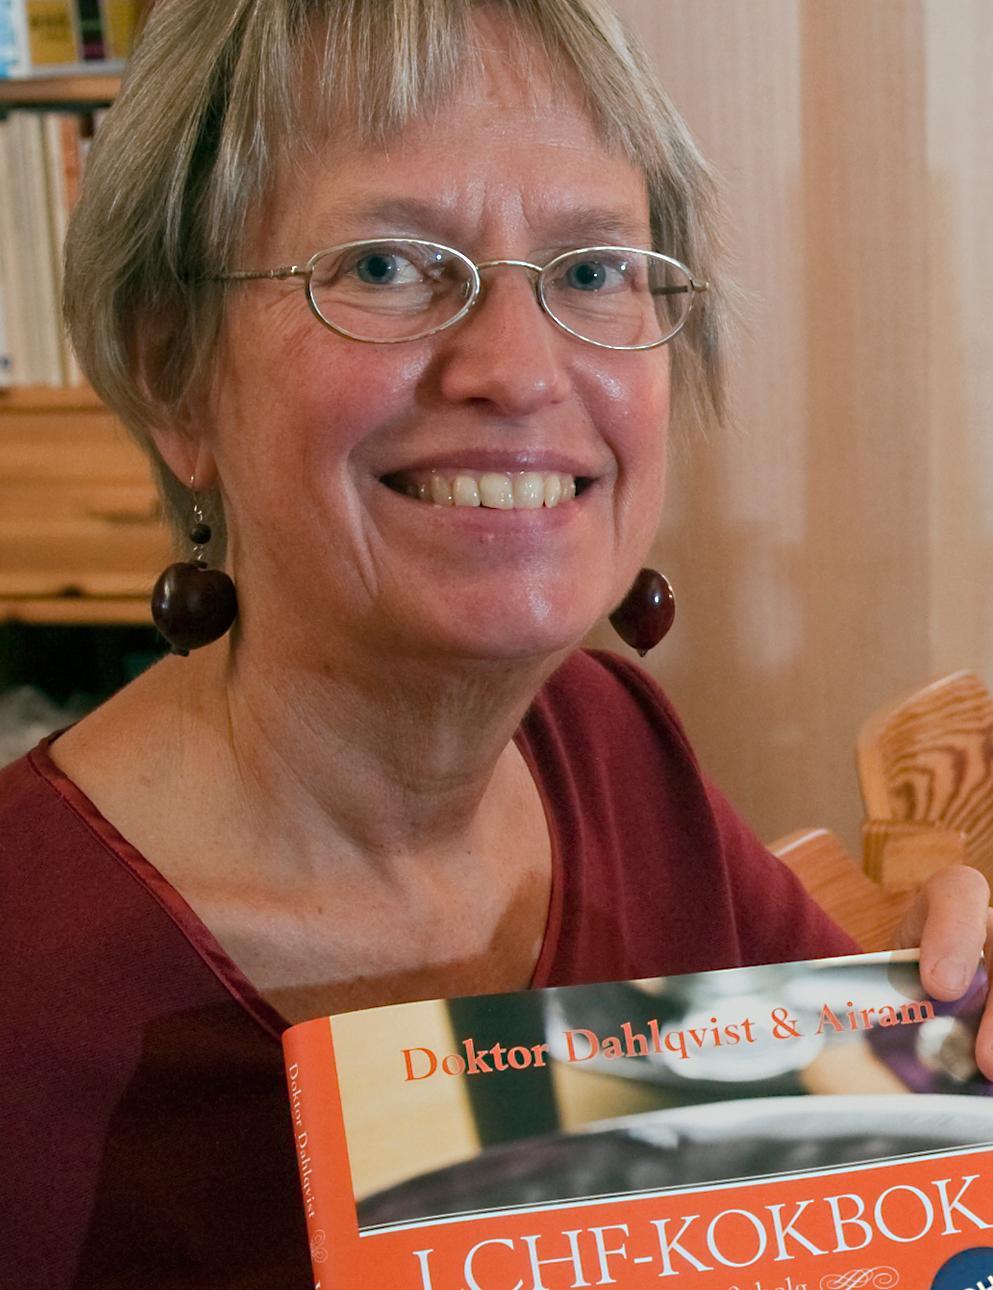 Fettdoktorn Annika Dahlqvist har skrivit flera böcker om LCHF-dieten som tillåter hur mycket fett som helst så länge man inte äter kolhydrater.